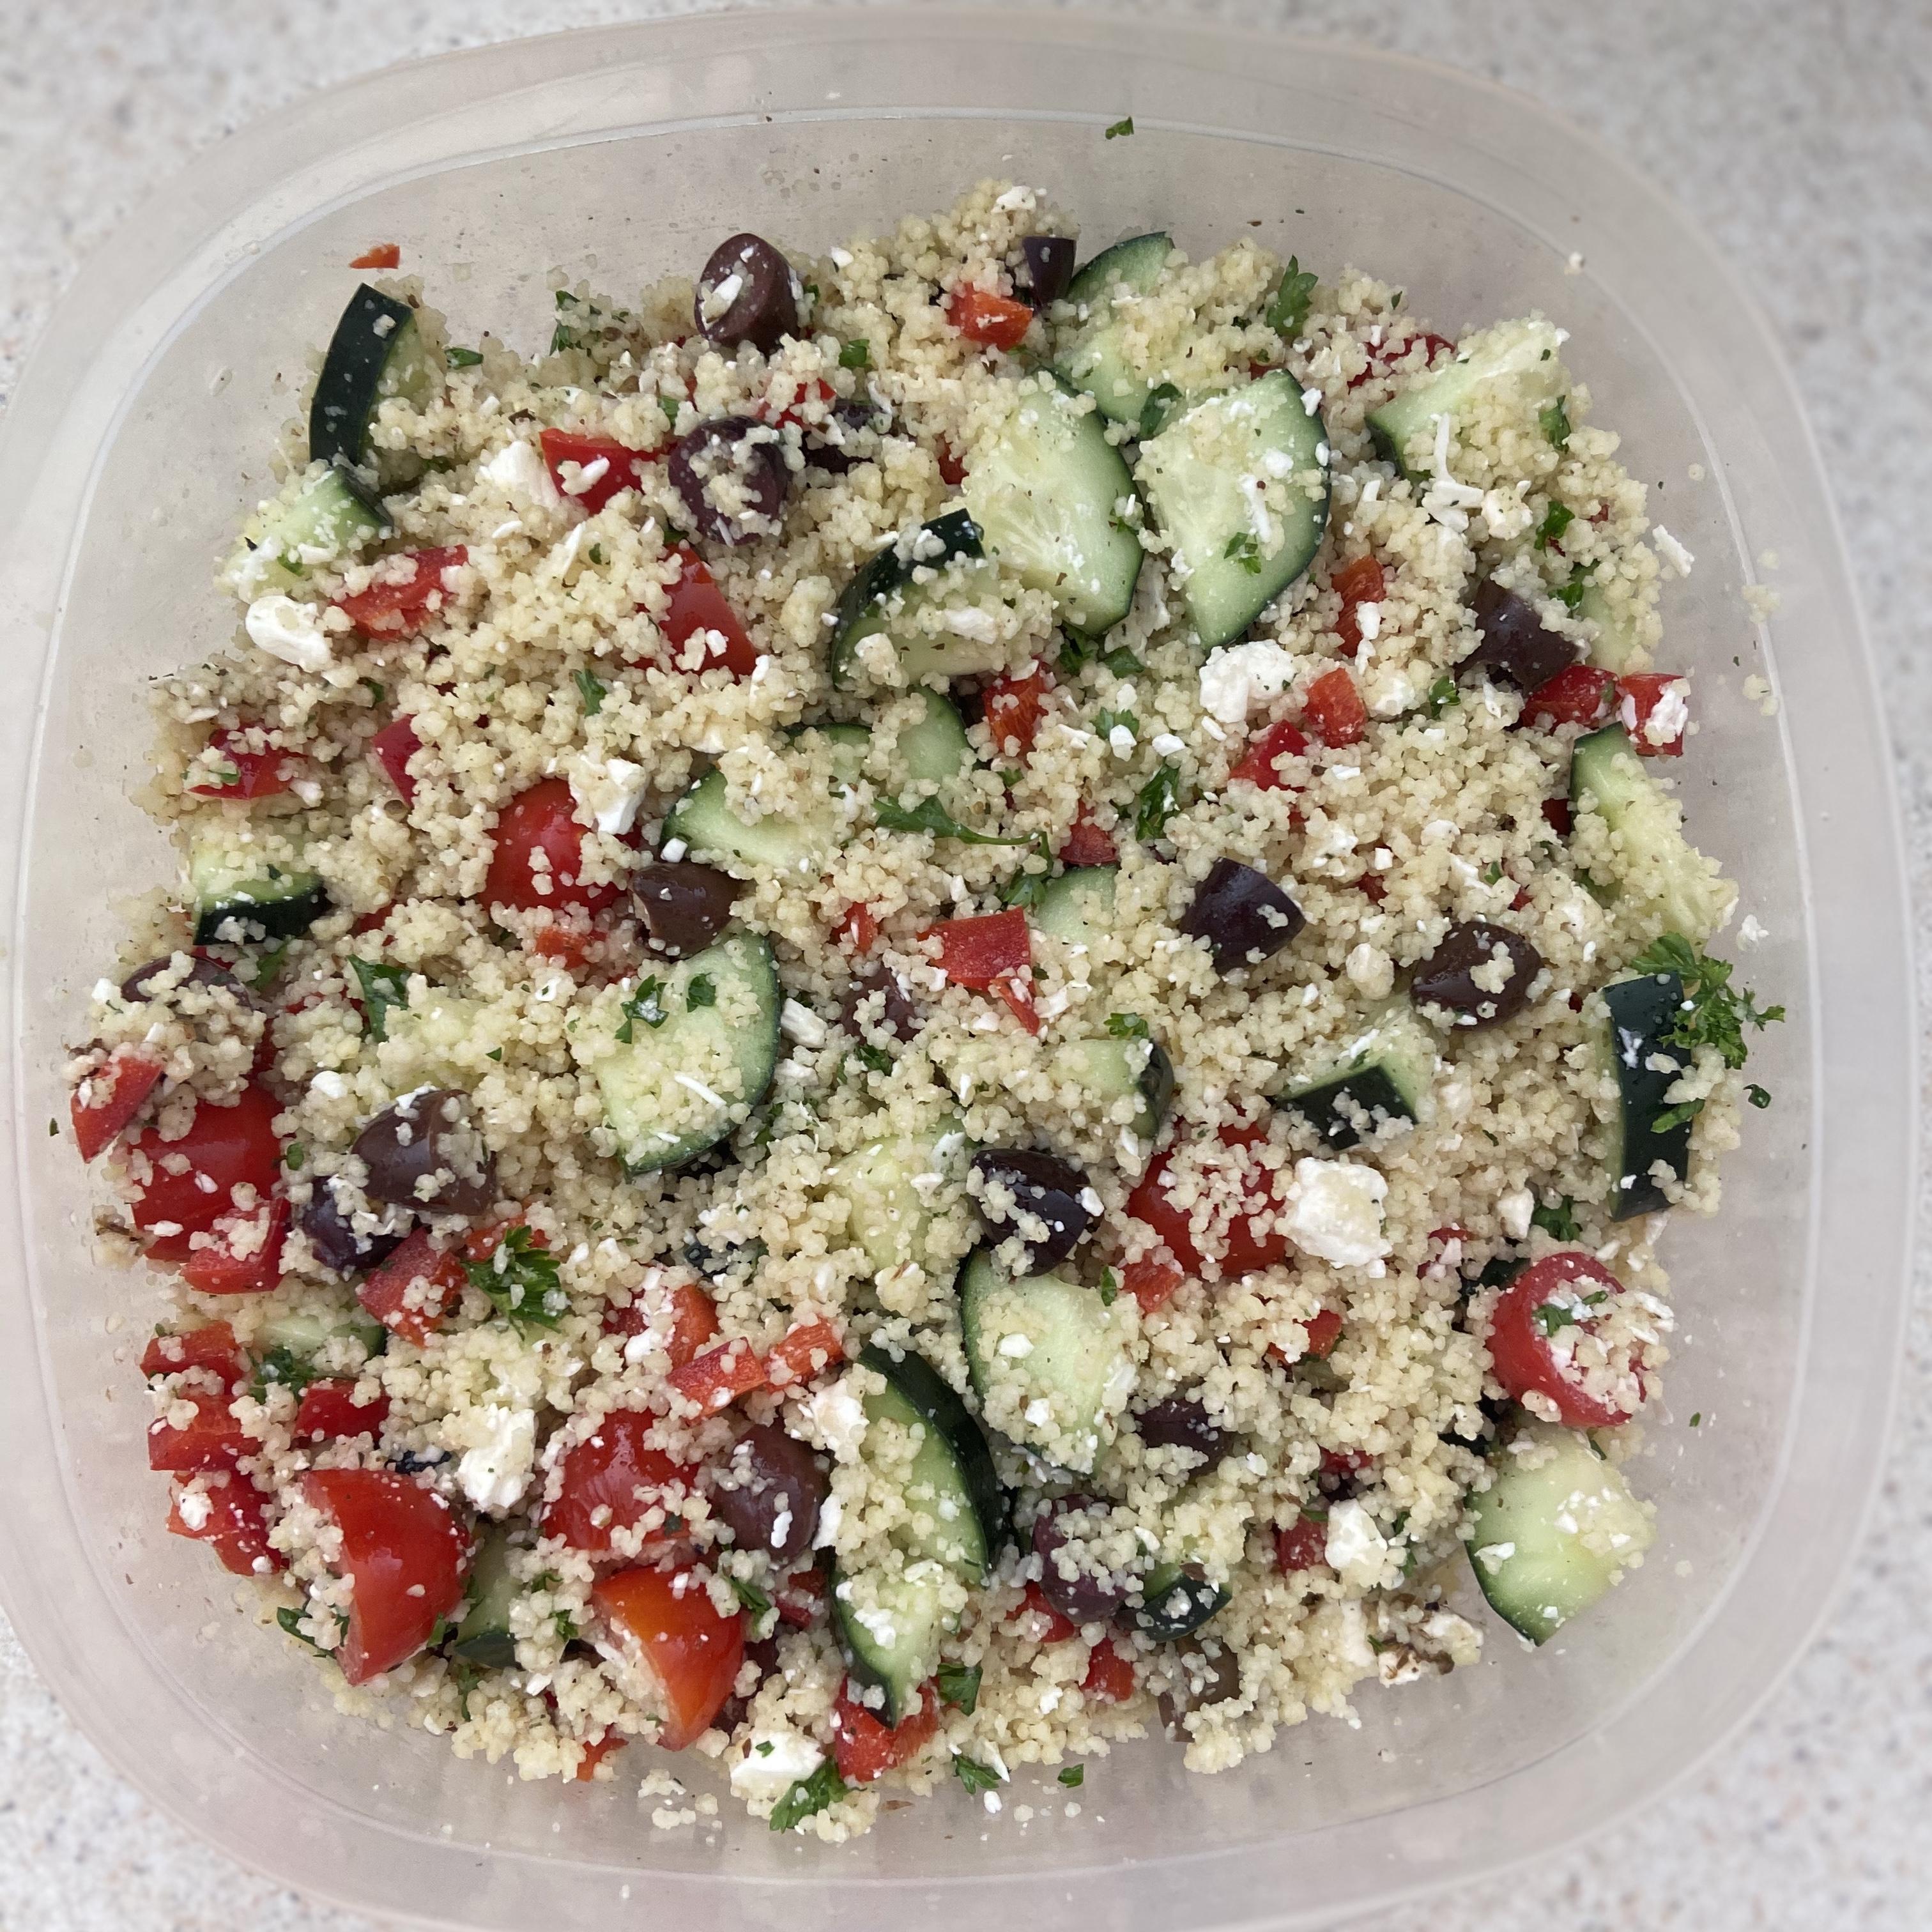 Party-Size Greek Couscous Salad Michelle